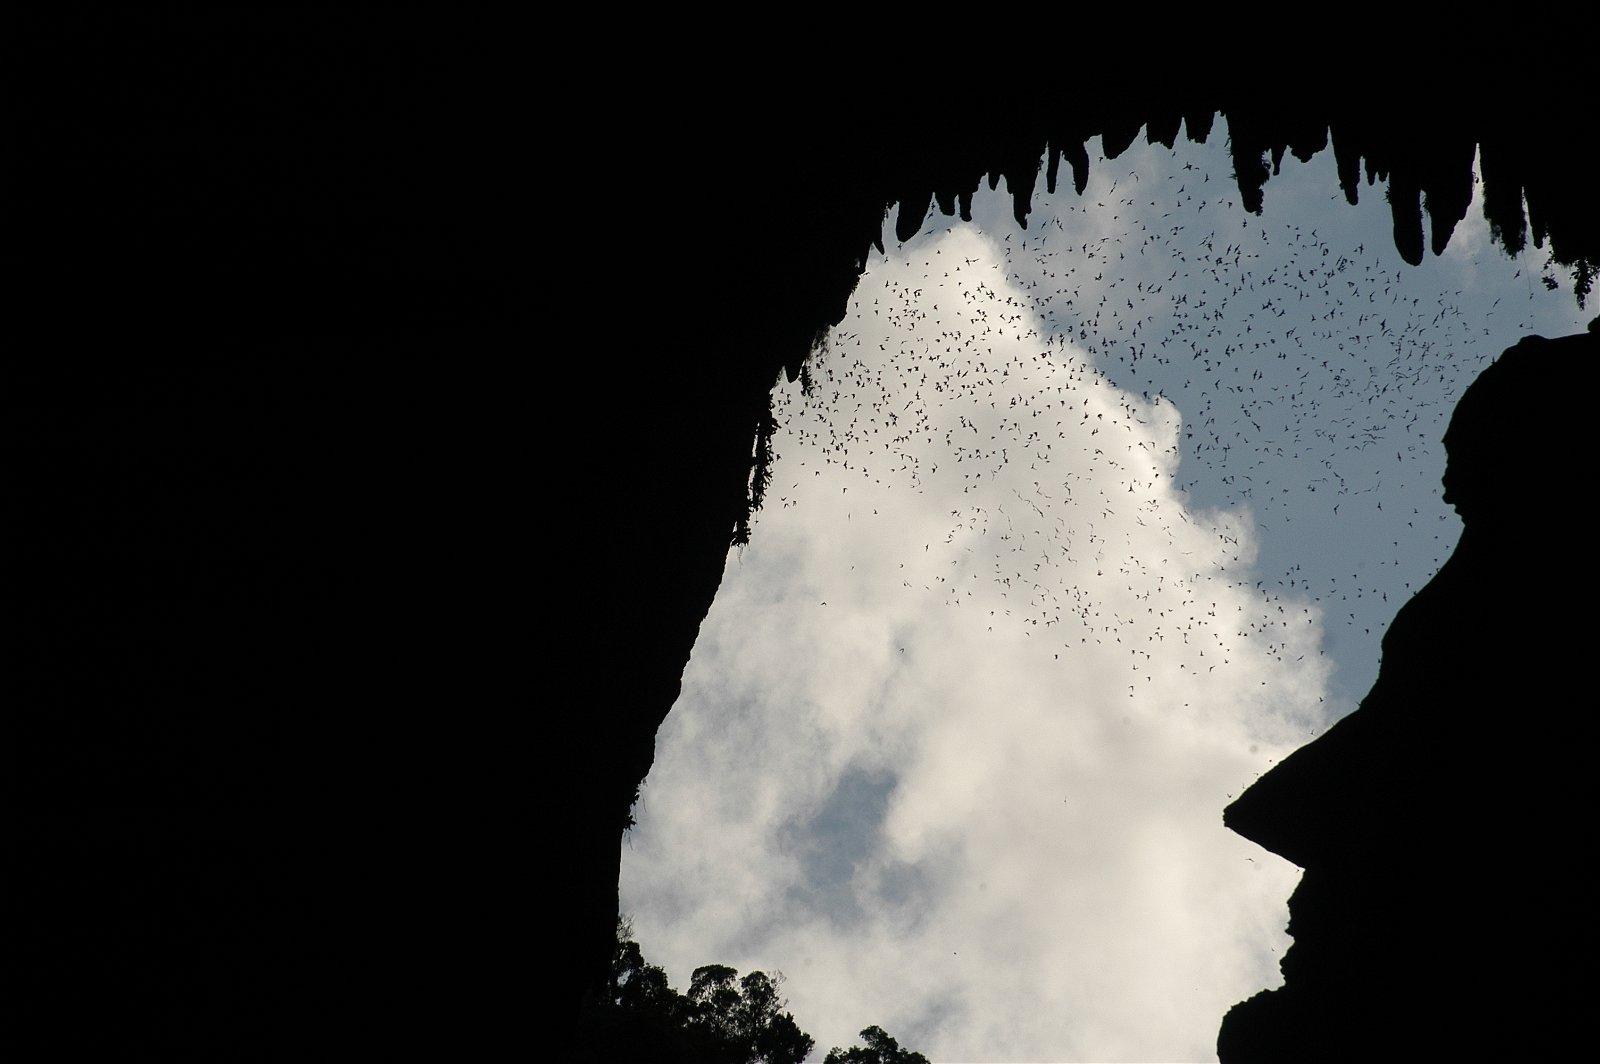 砂劳越姆鲁国家公园鹿洞,除了在傍晚时分能一览超过200万只蝙蝠大军外出觅食的奇景外,还可以看到山壁岩石所呈现出的前美国总统林肯侧面剪影。(图取自大马观光局)